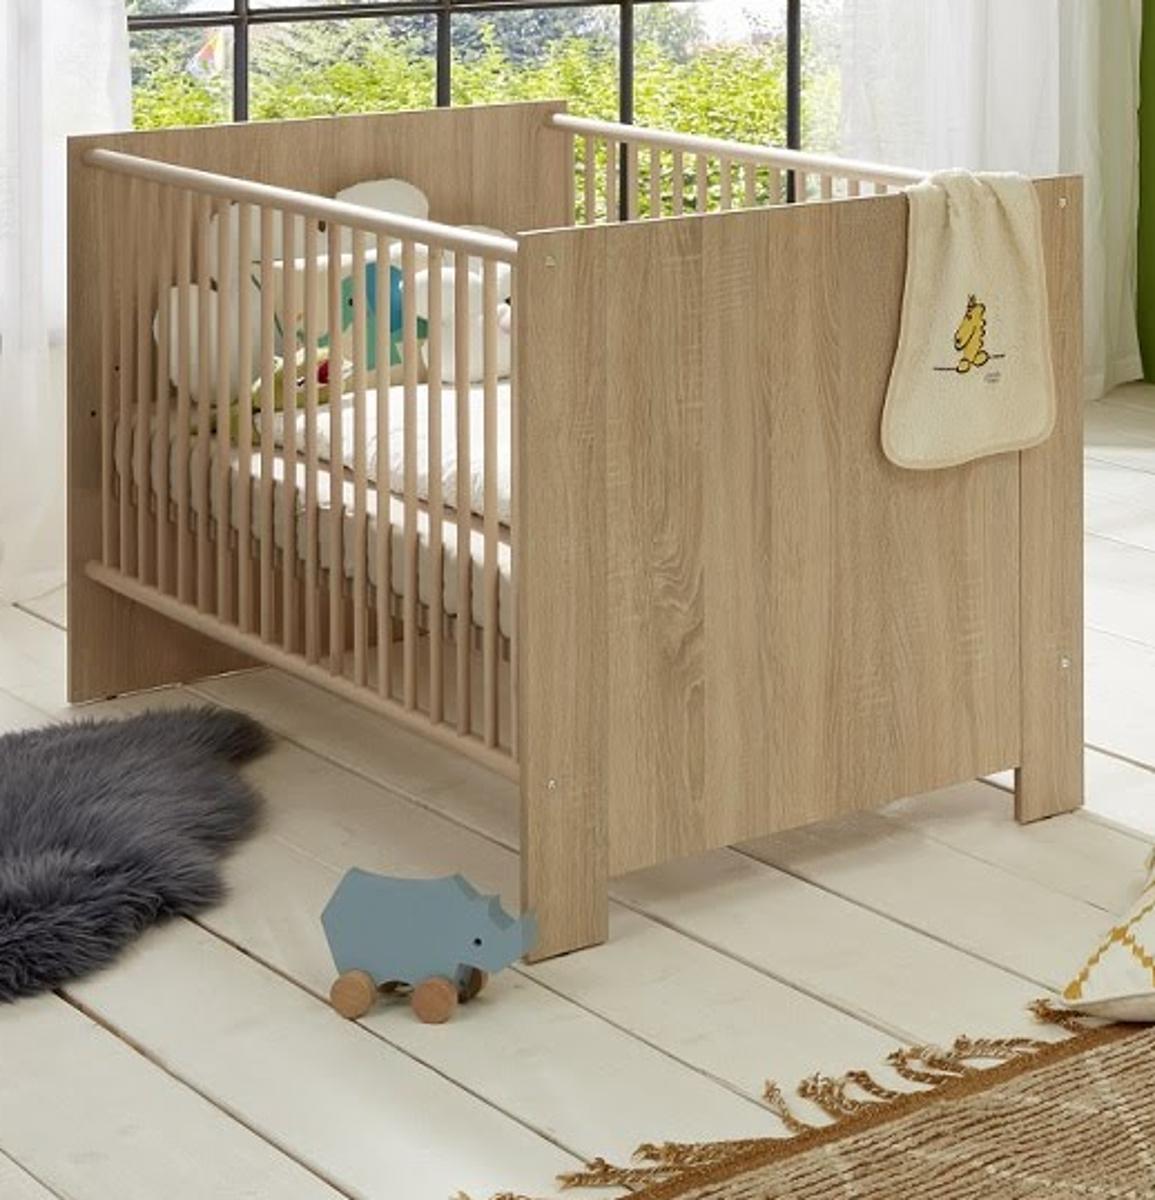 tisch esstisch s ulentisch wei hochglanz lack moda1 g nstige m bel online kaufen bei gmo im. Black Bedroom Furniture Sets. Home Design Ideas